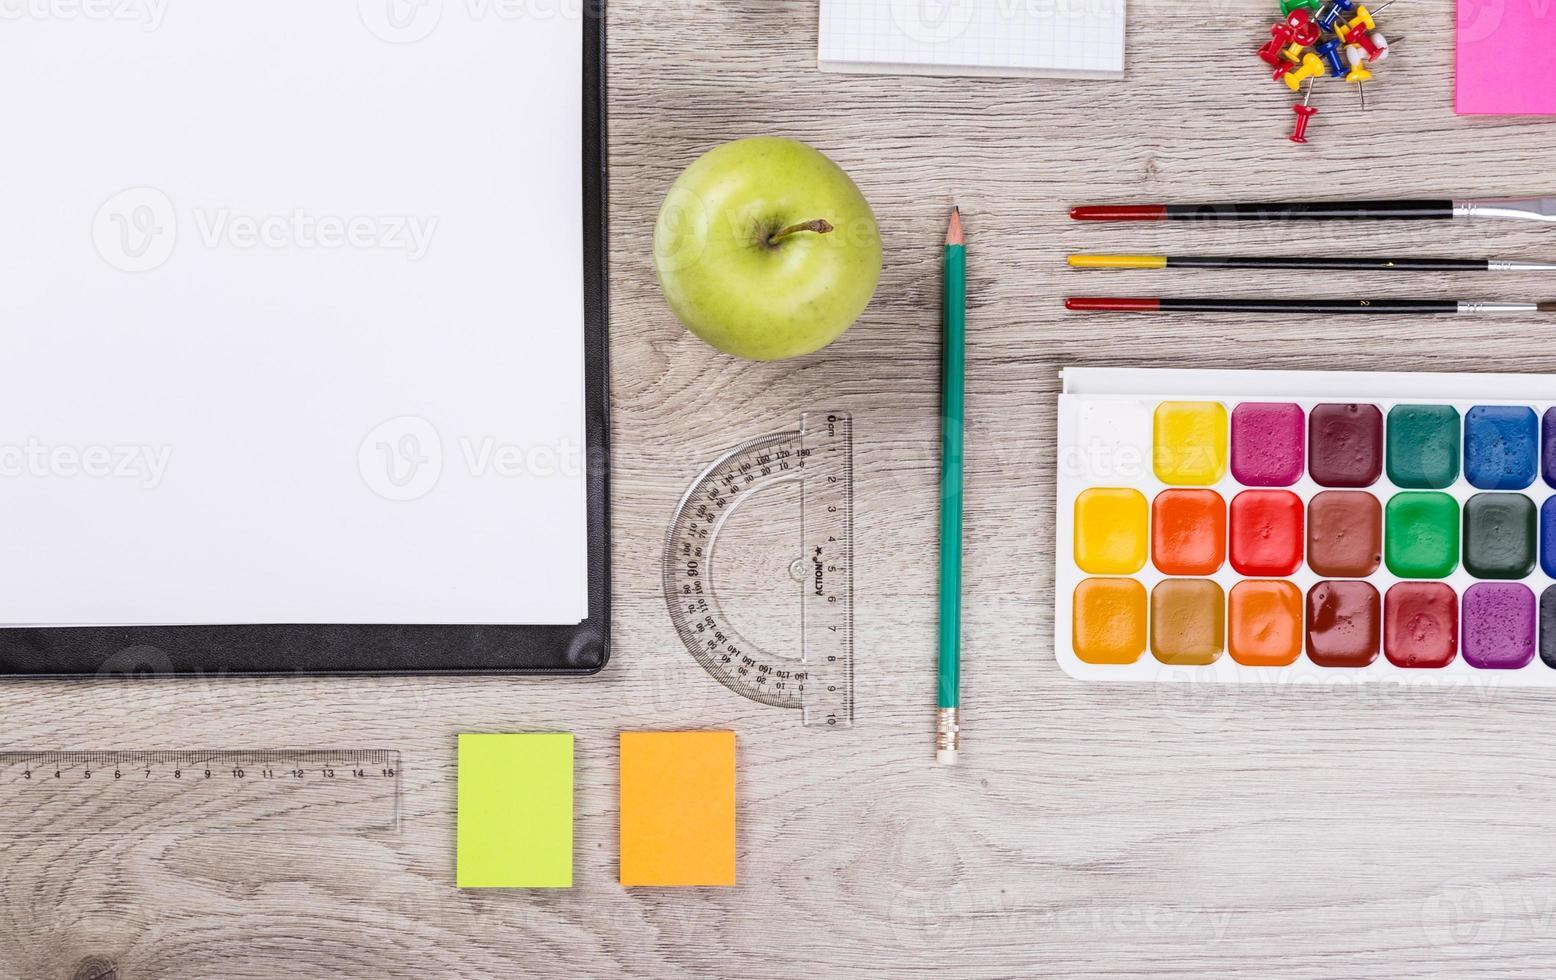 papel, lápis, pincel, maçã verde na mesa de madeira foto